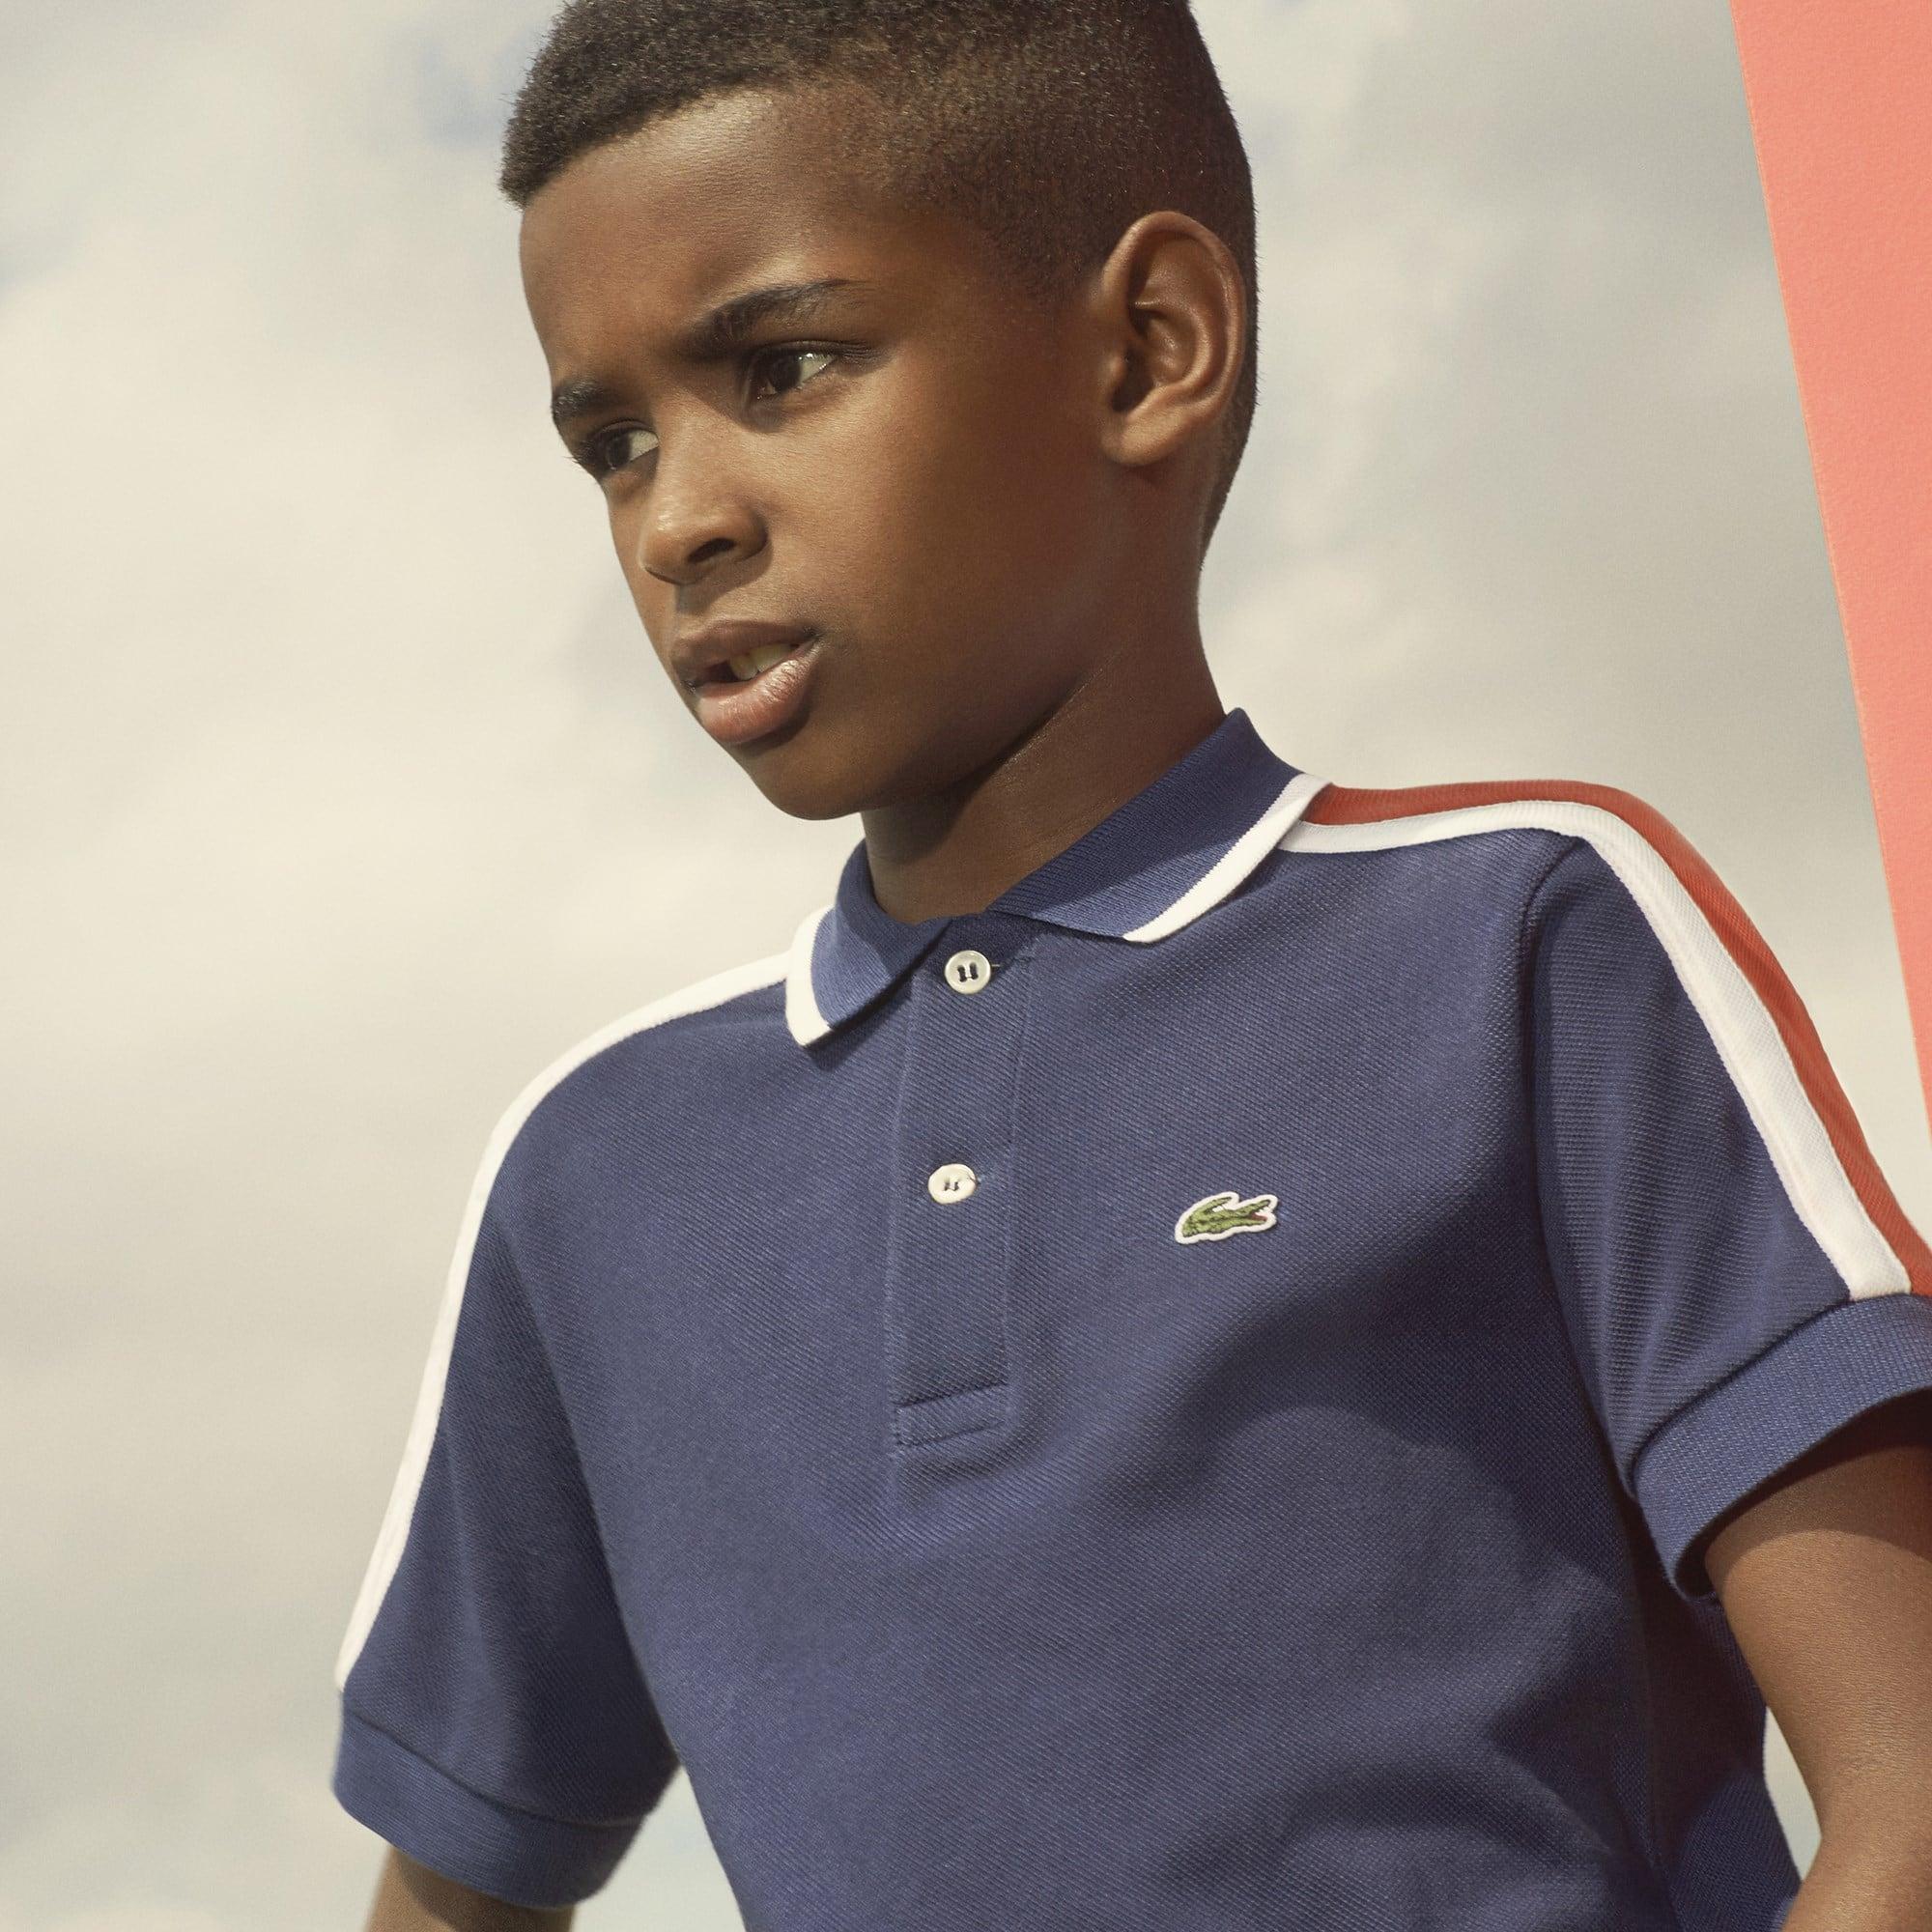 Boys' Lacoste Colorblock Bands Petit Piqué Polo Shirt